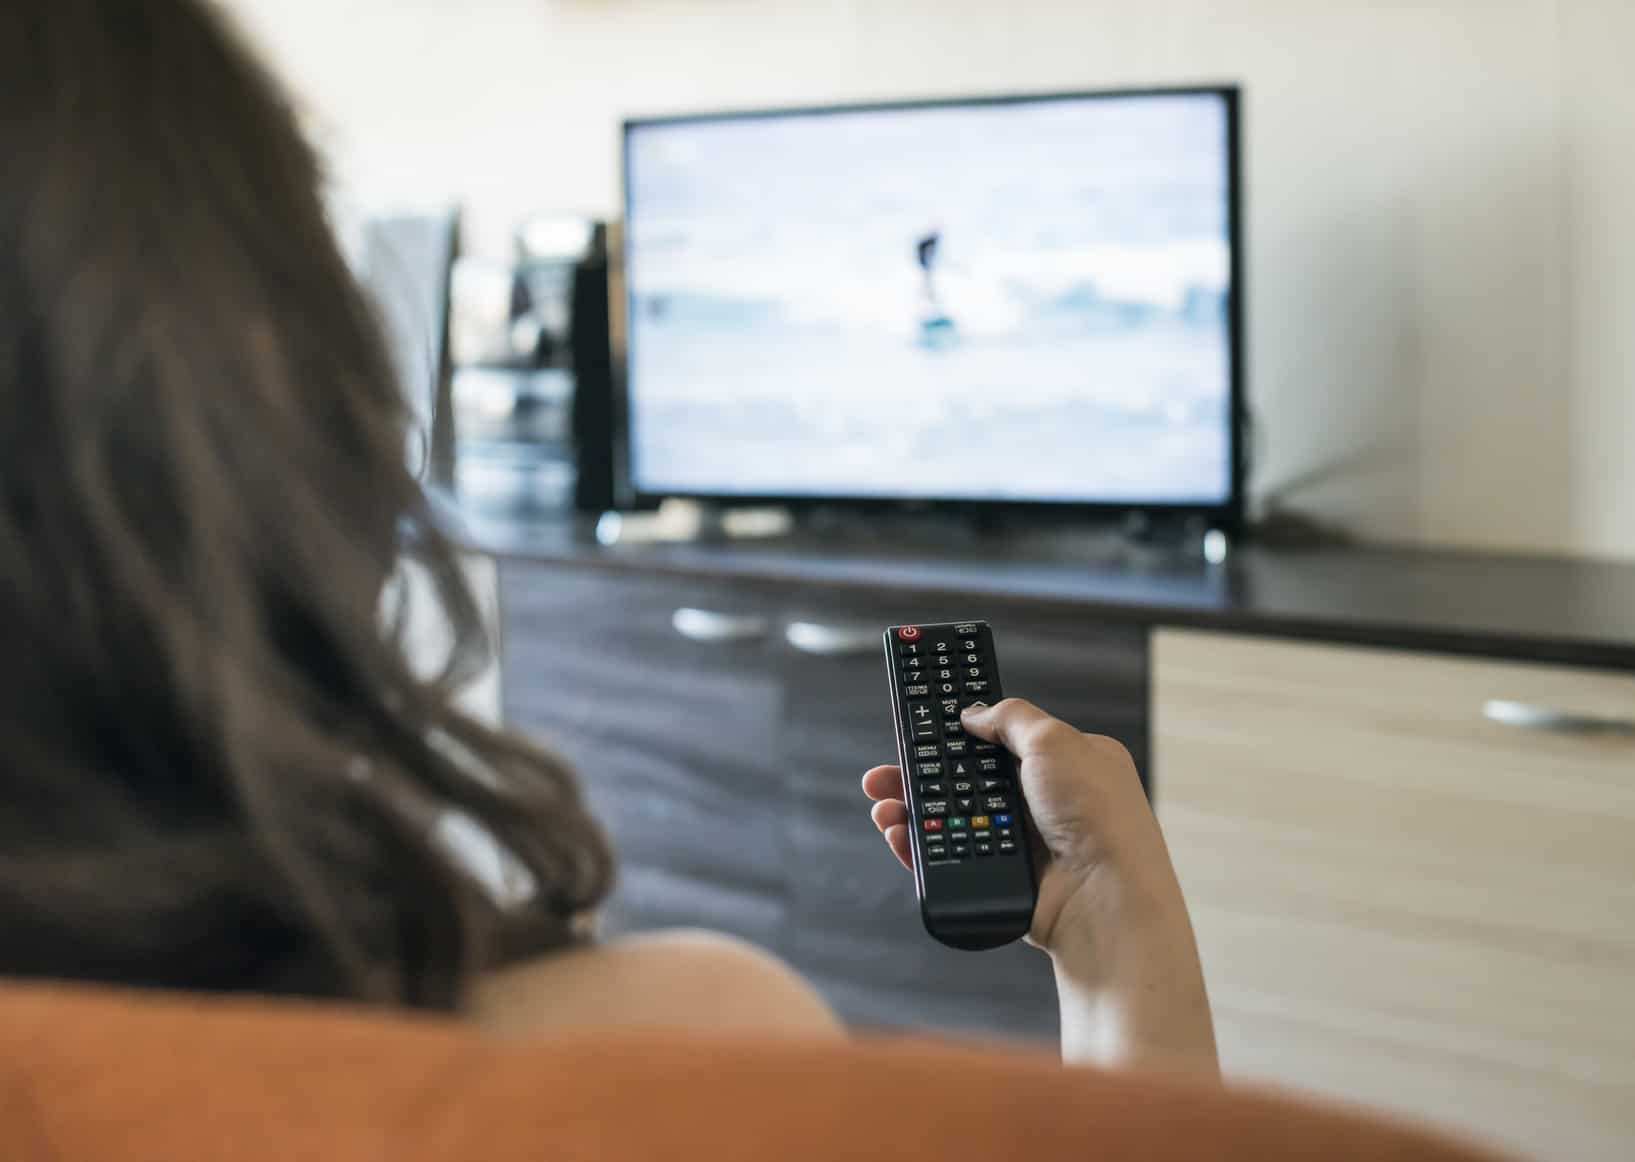 La TV abierta se mantiene como el medio más eficaz y económico en México. Cuenta con la mayor audiencia y penetración en el país, superando ampliamente a la TV de paga y a los nuevos medios como la televisión por internet.